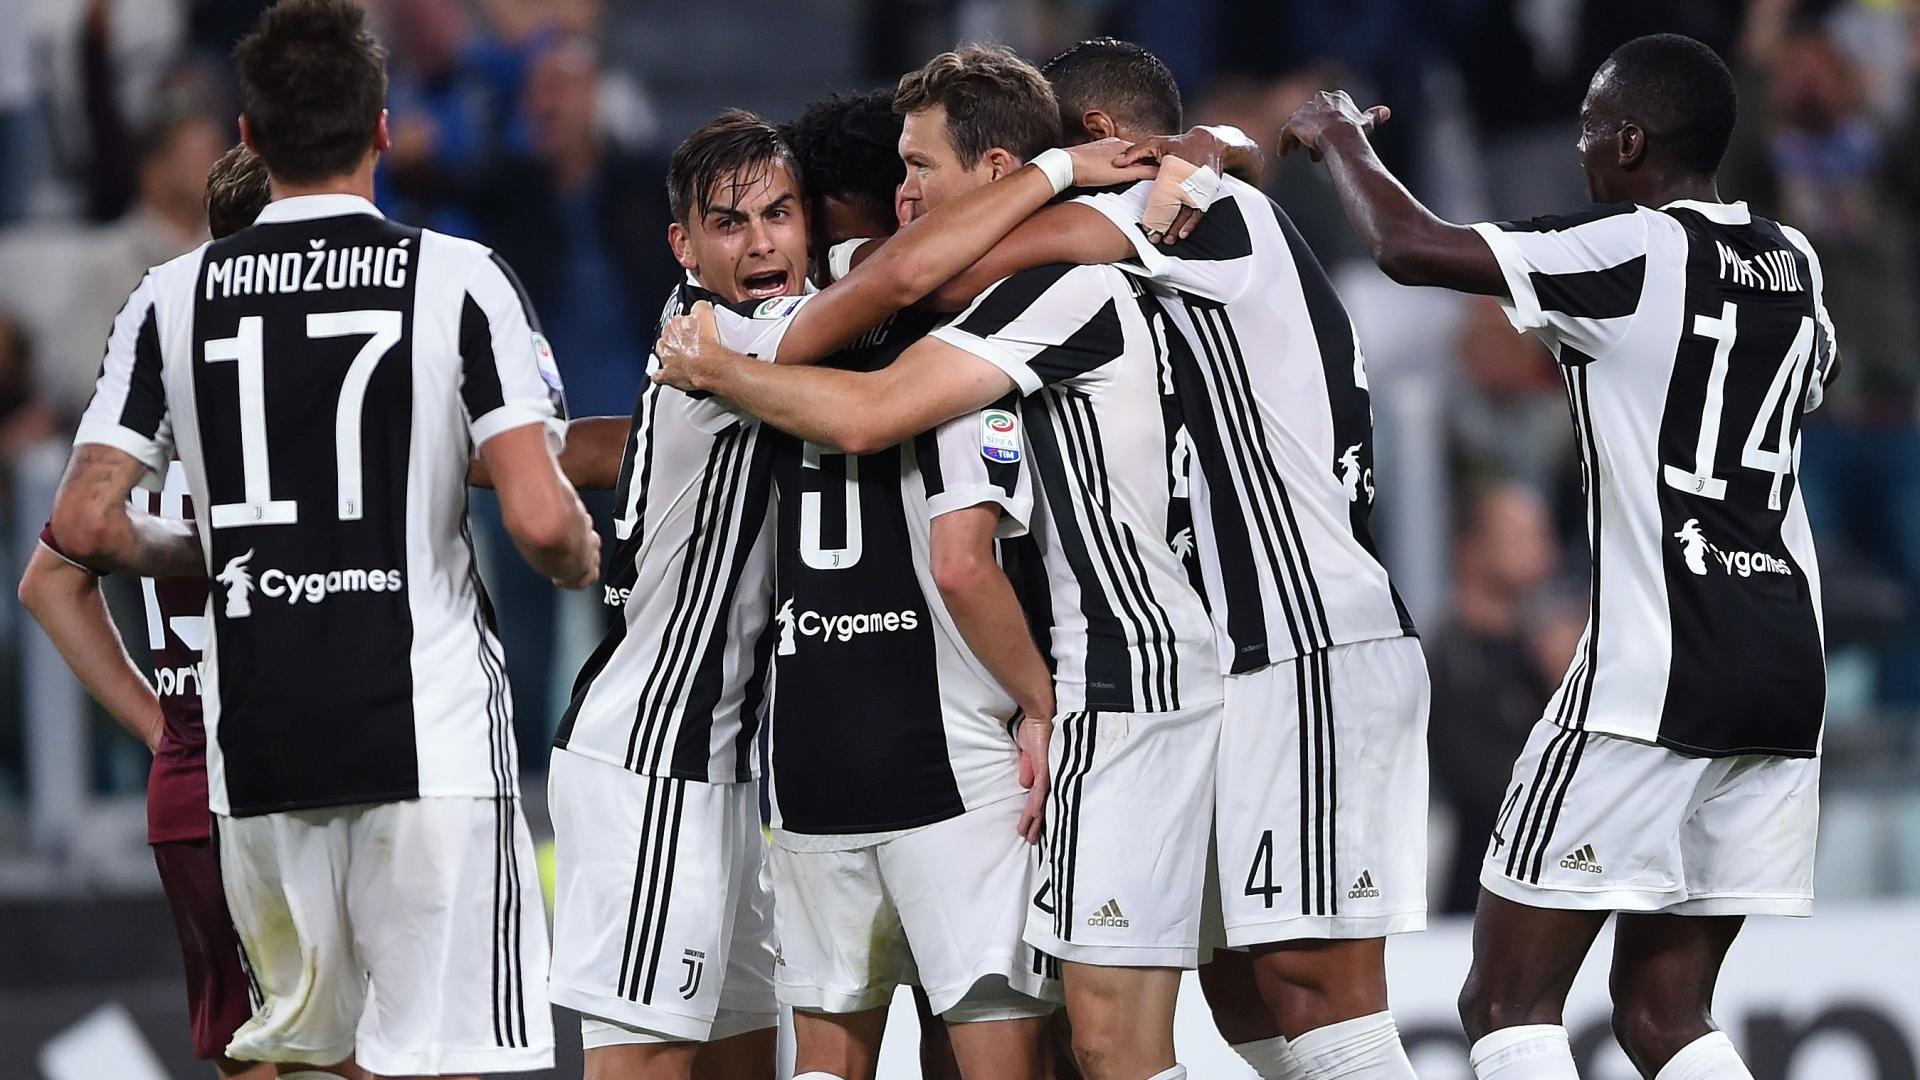 Juventus-Olympiacos, Allegri: